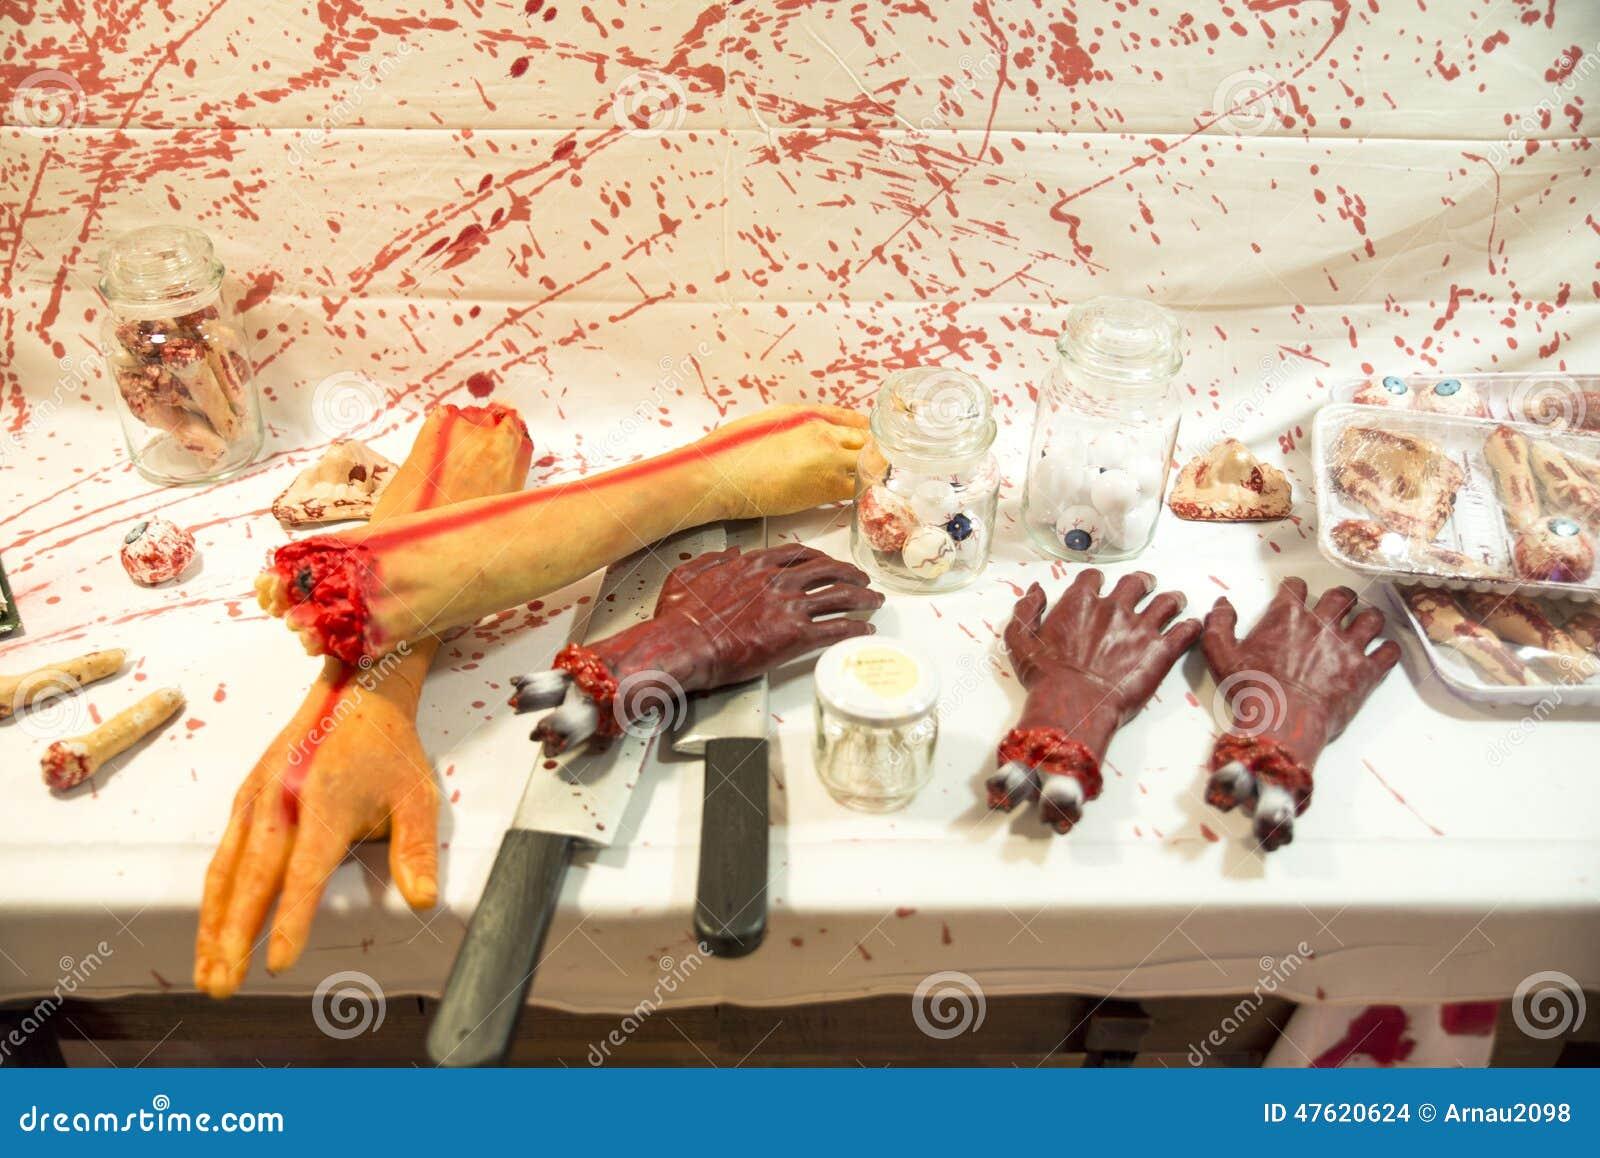 mensch geschlachtet auf einer tabelle stockfoto bild von verbrechen h nde 47620624. Black Bedroom Furniture Sets. Home Design Ideas